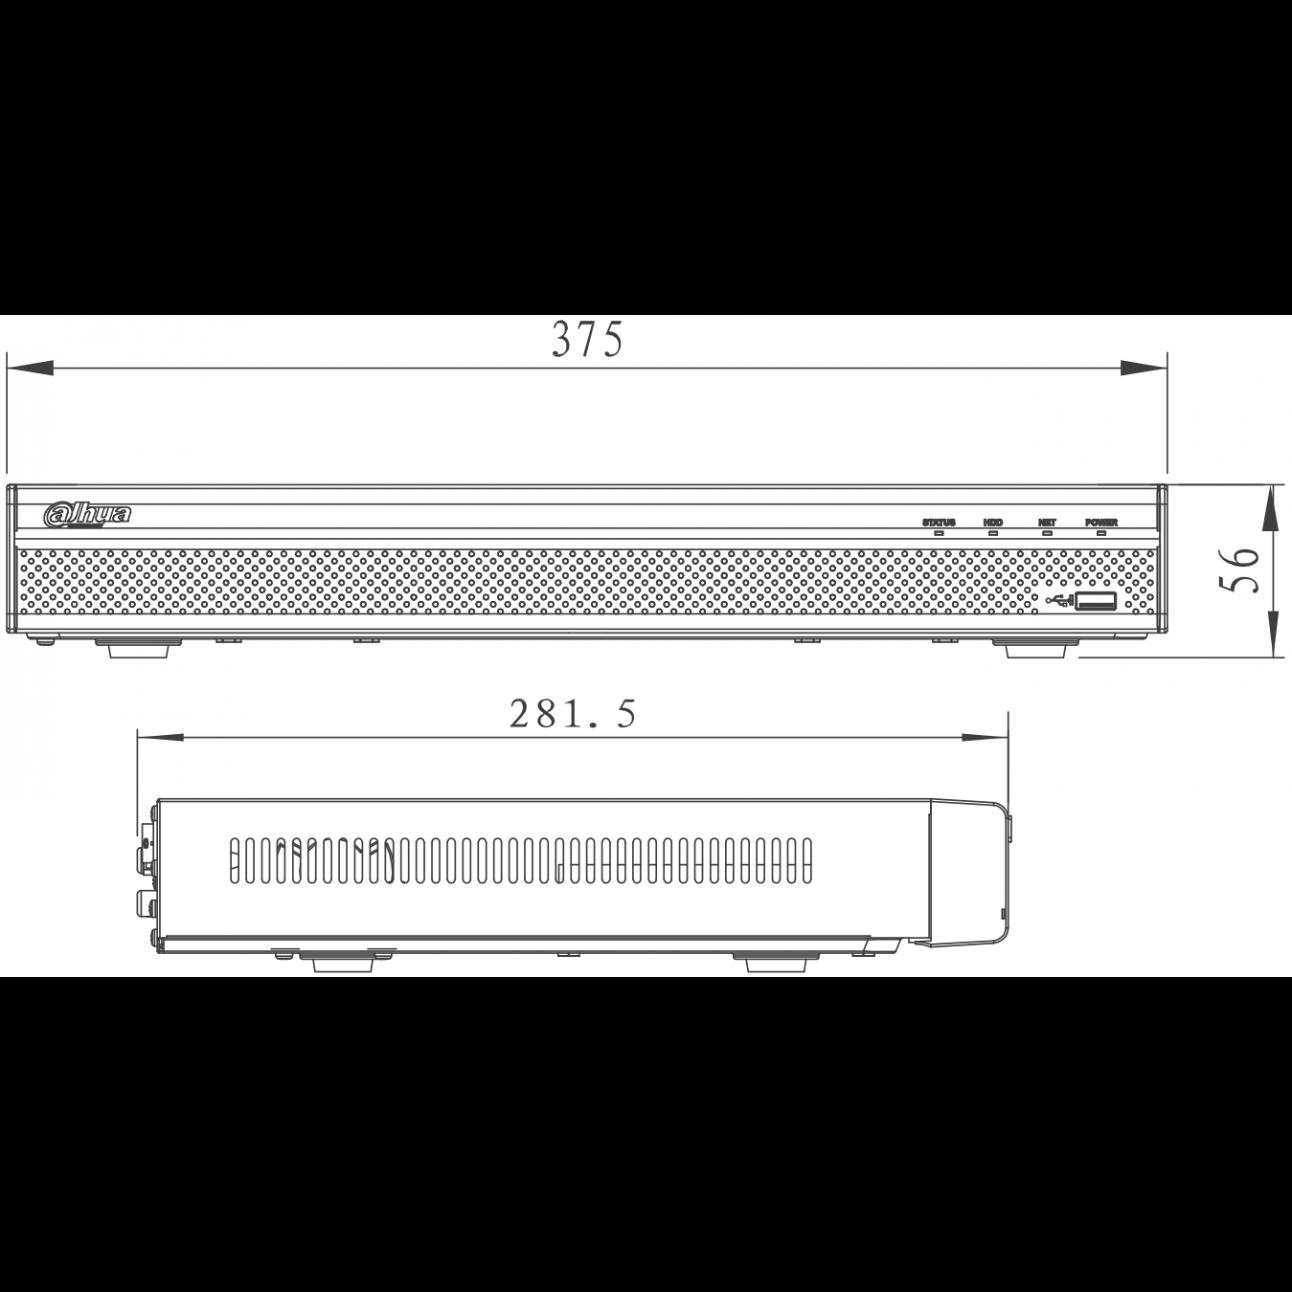 IP Видеорегистратор Dahua DHI-NVR4216-4KS2, 16-канальный, до 8 Мп, 2 HDD, трев. вх. вых. 4/2 (уценка)